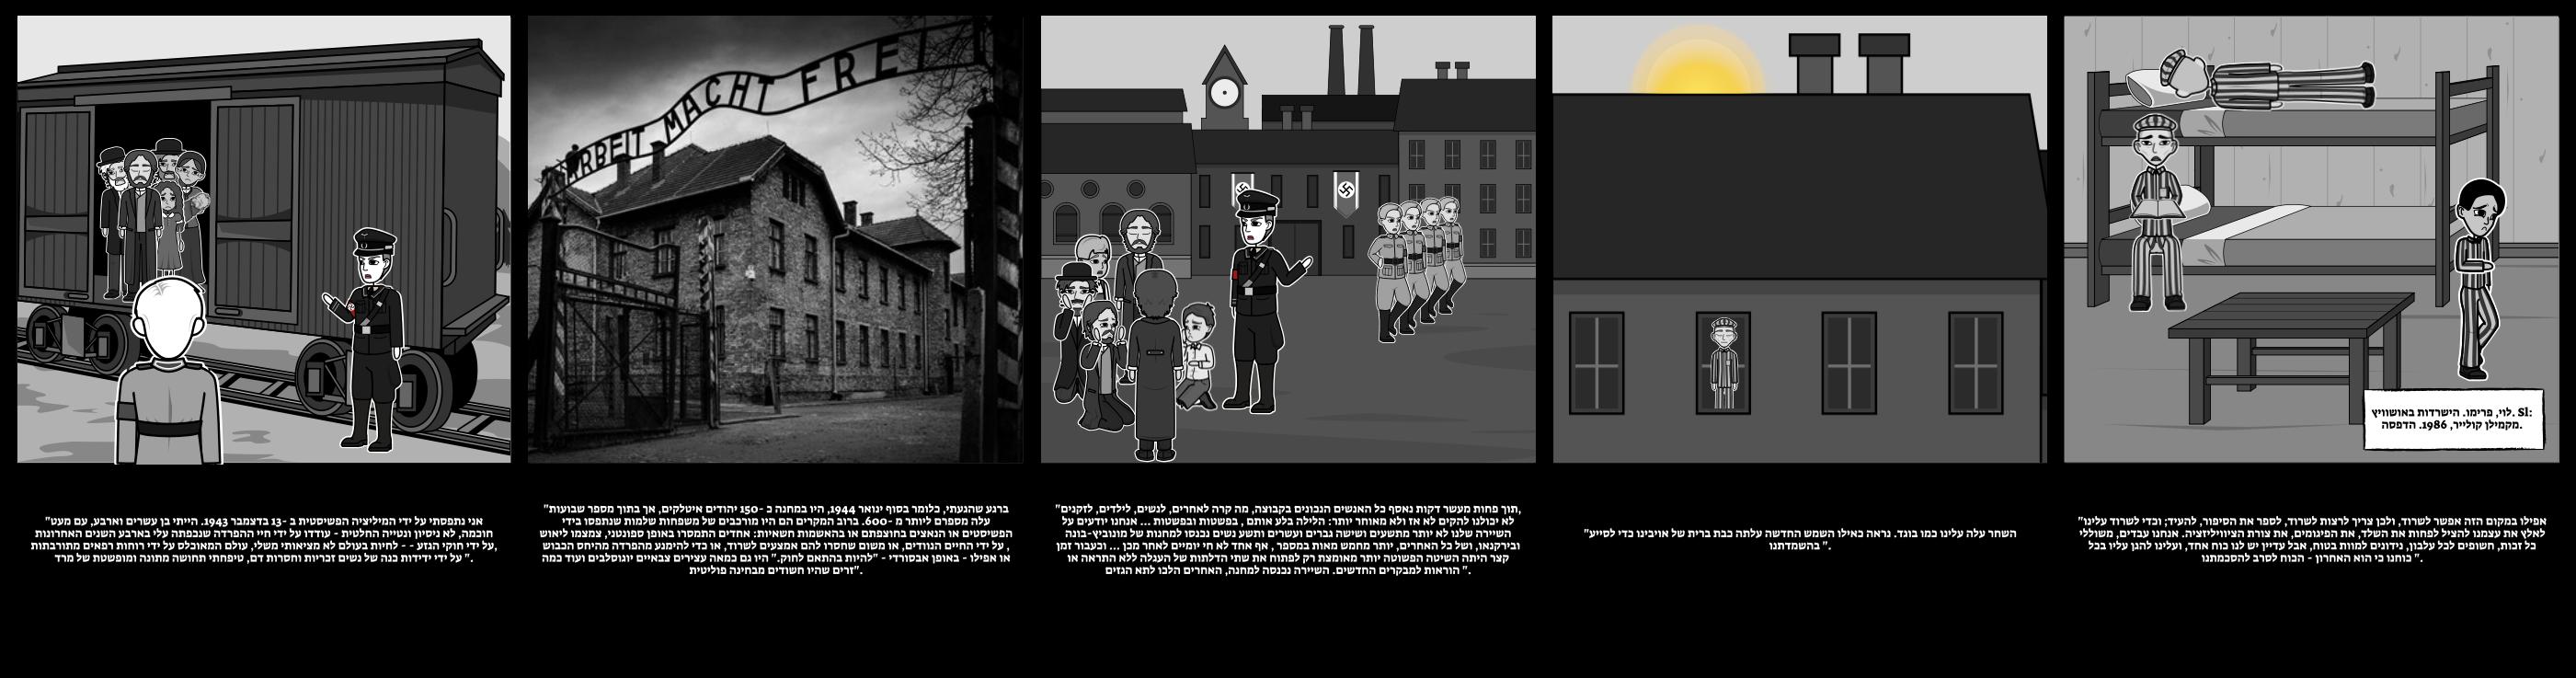 תולדות השואה - קורבנות השואה: פרימו לוי